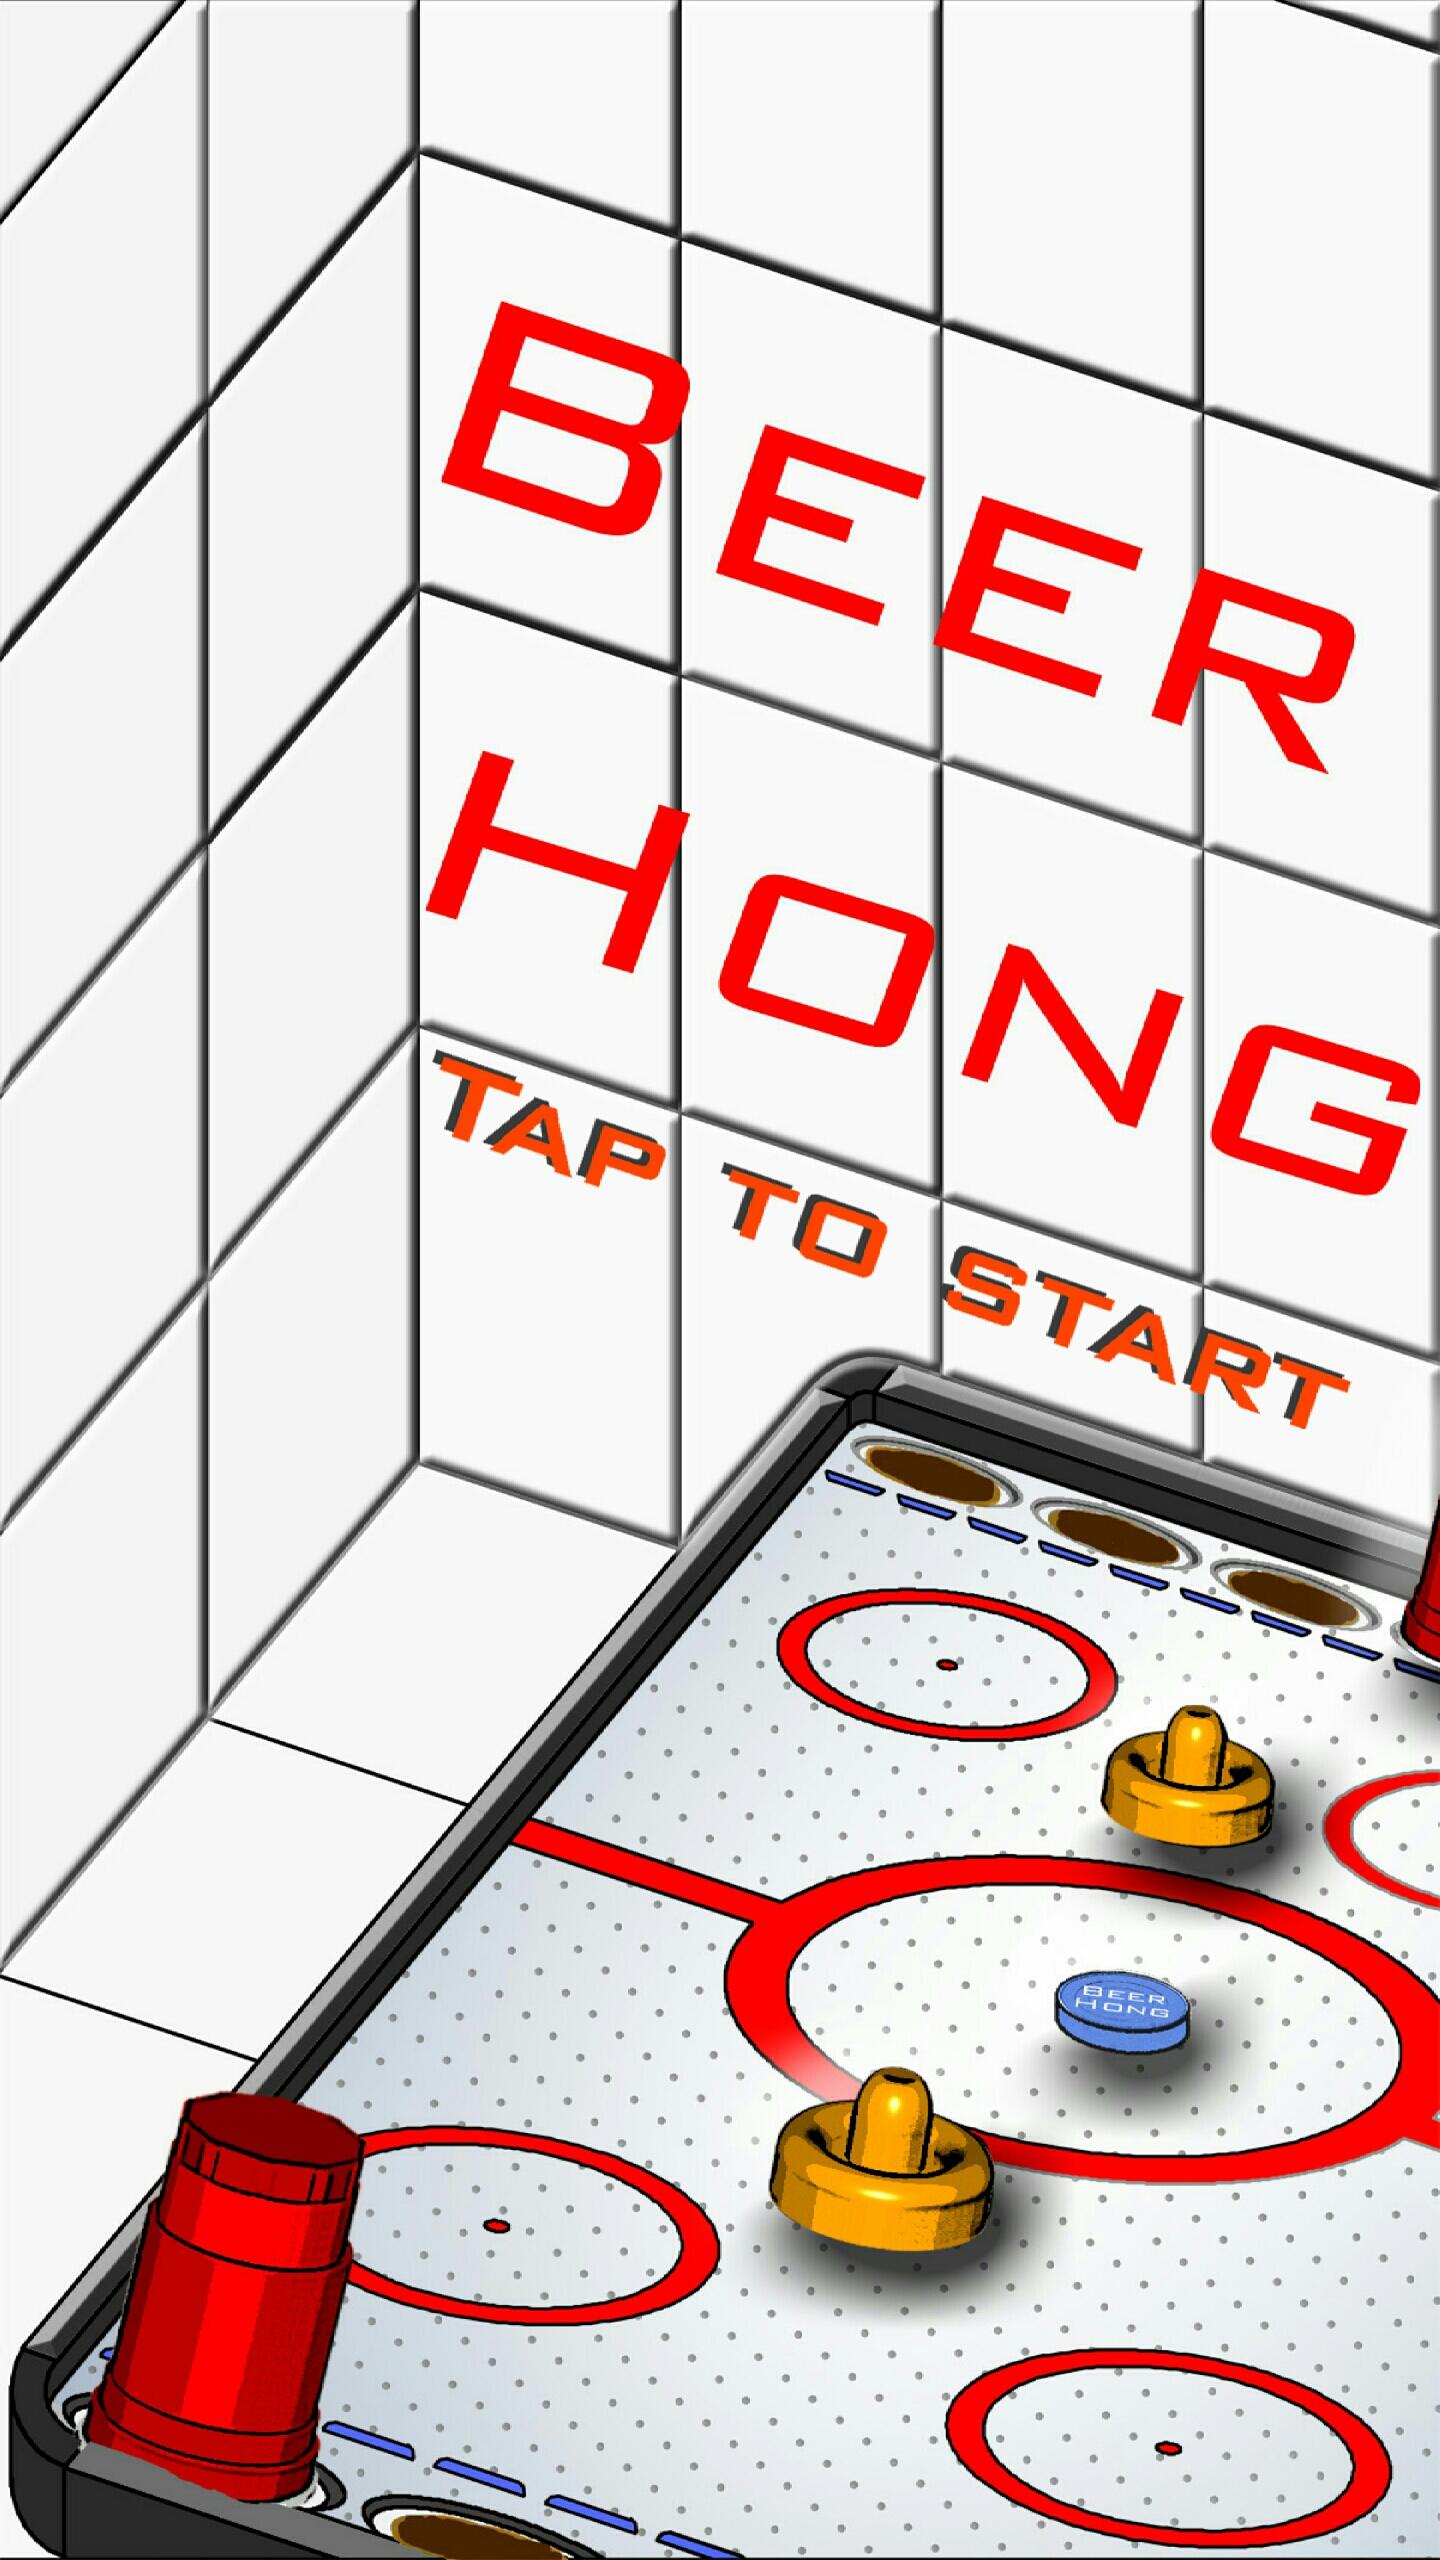 Beer Hong